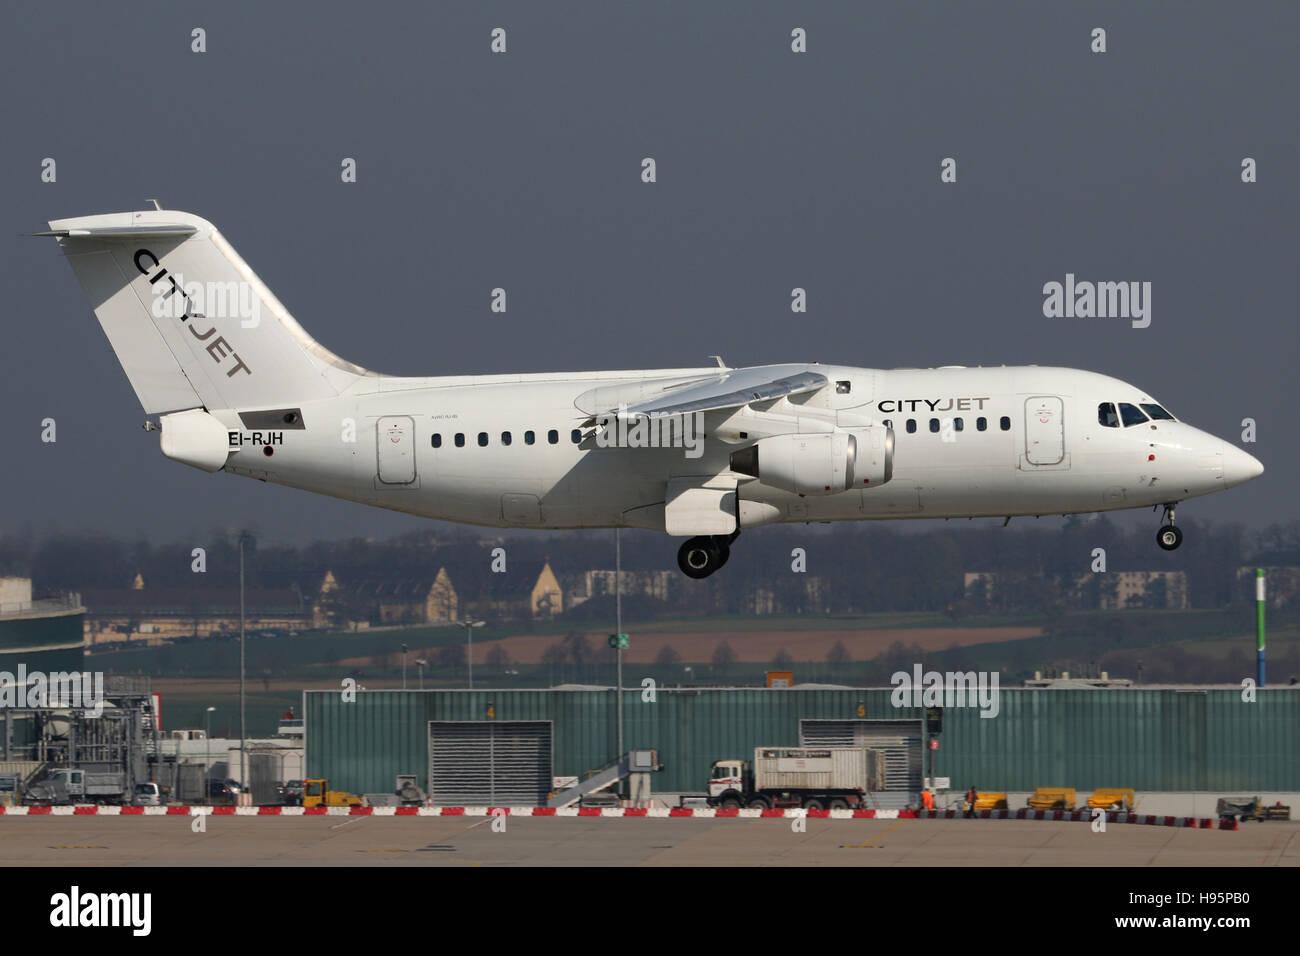 Stuttgart, Germany – April 11, 2016: Cityjet, BAE Avro is landing at Stuttgart Airport - Stock Image